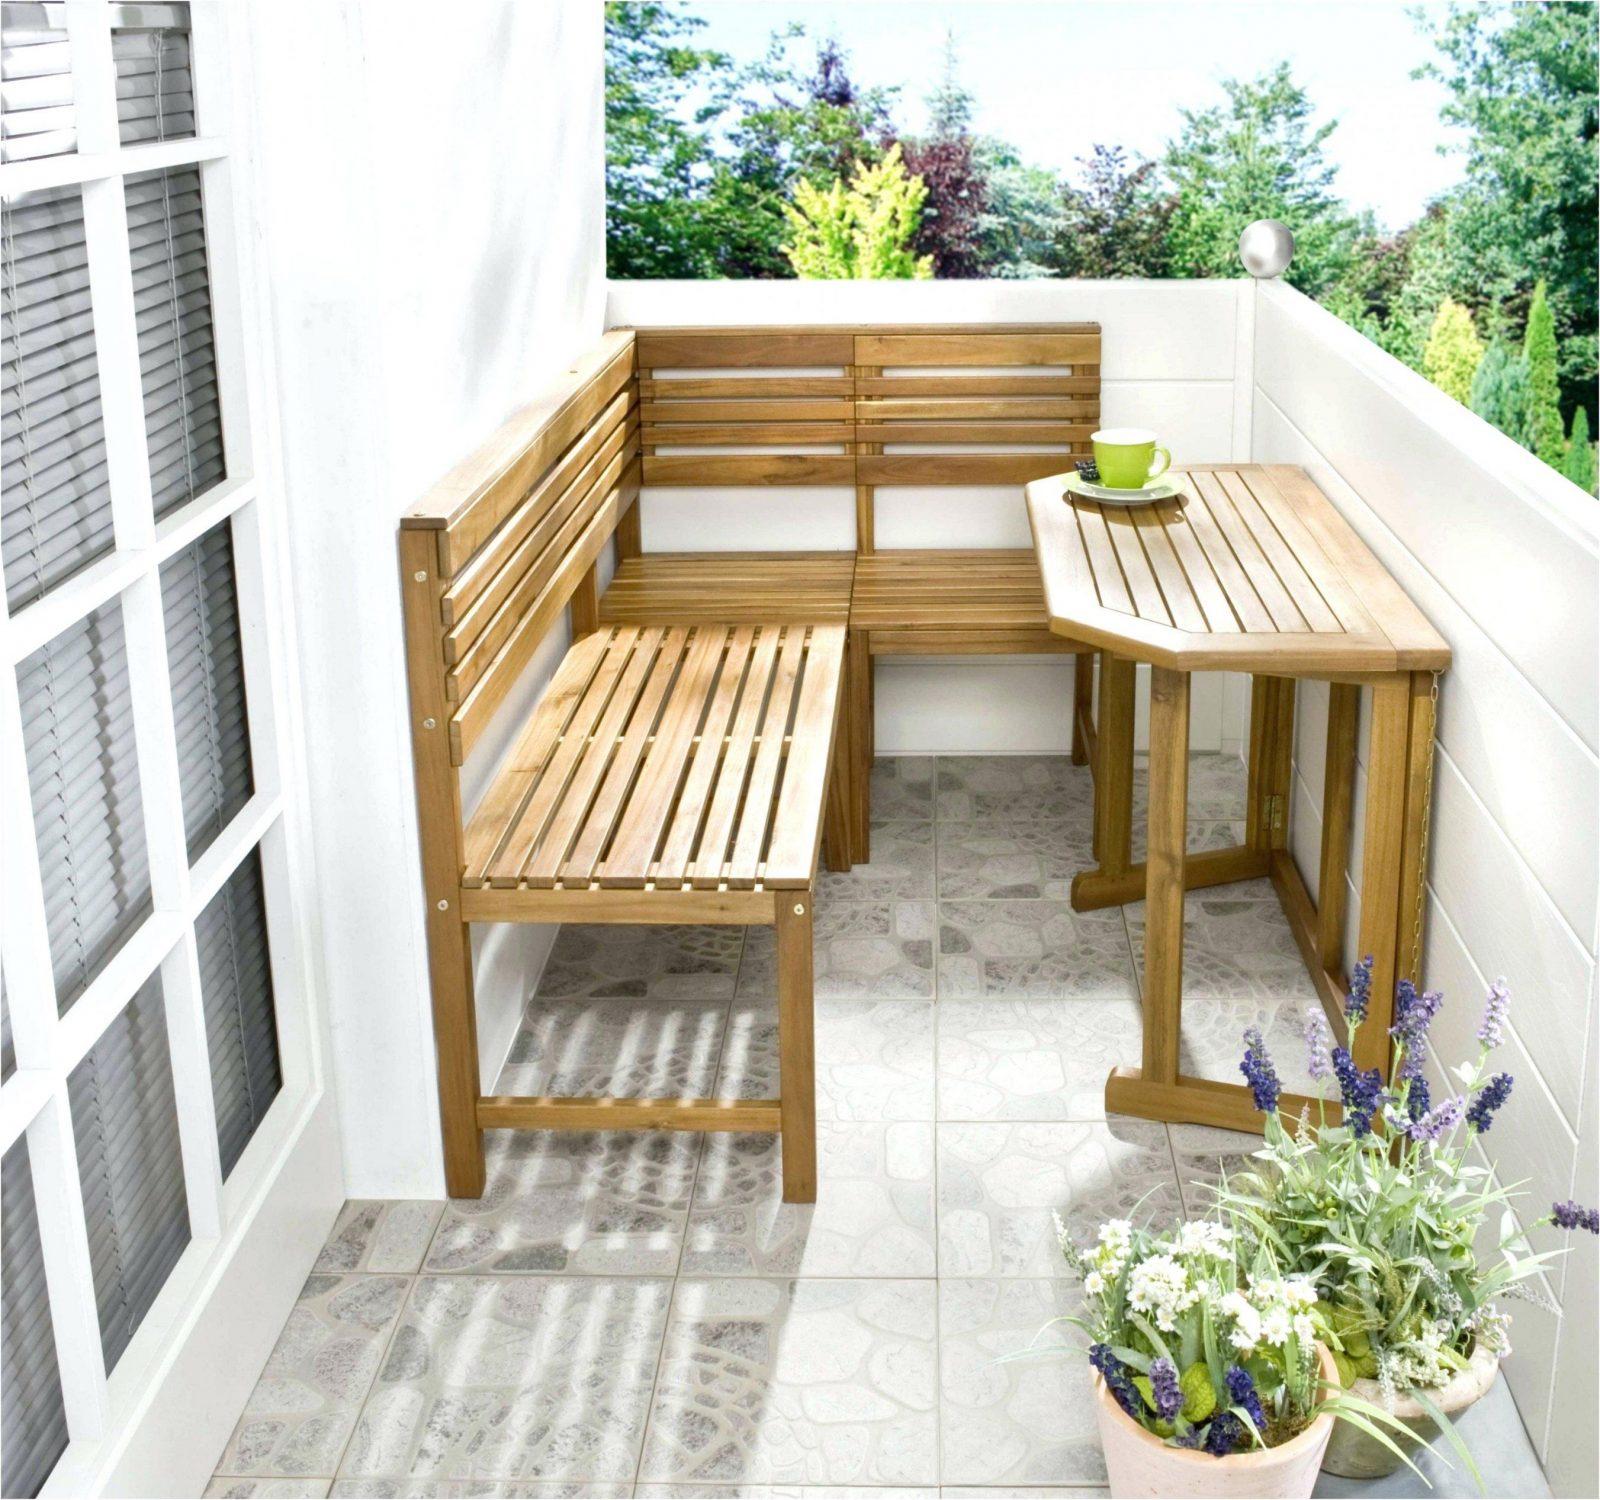 Balkon Eckbank Aus Paletten Mit F R Selber Bauen A Lounge Tchibo von Balkon Eckbank Mit Tisch Bild